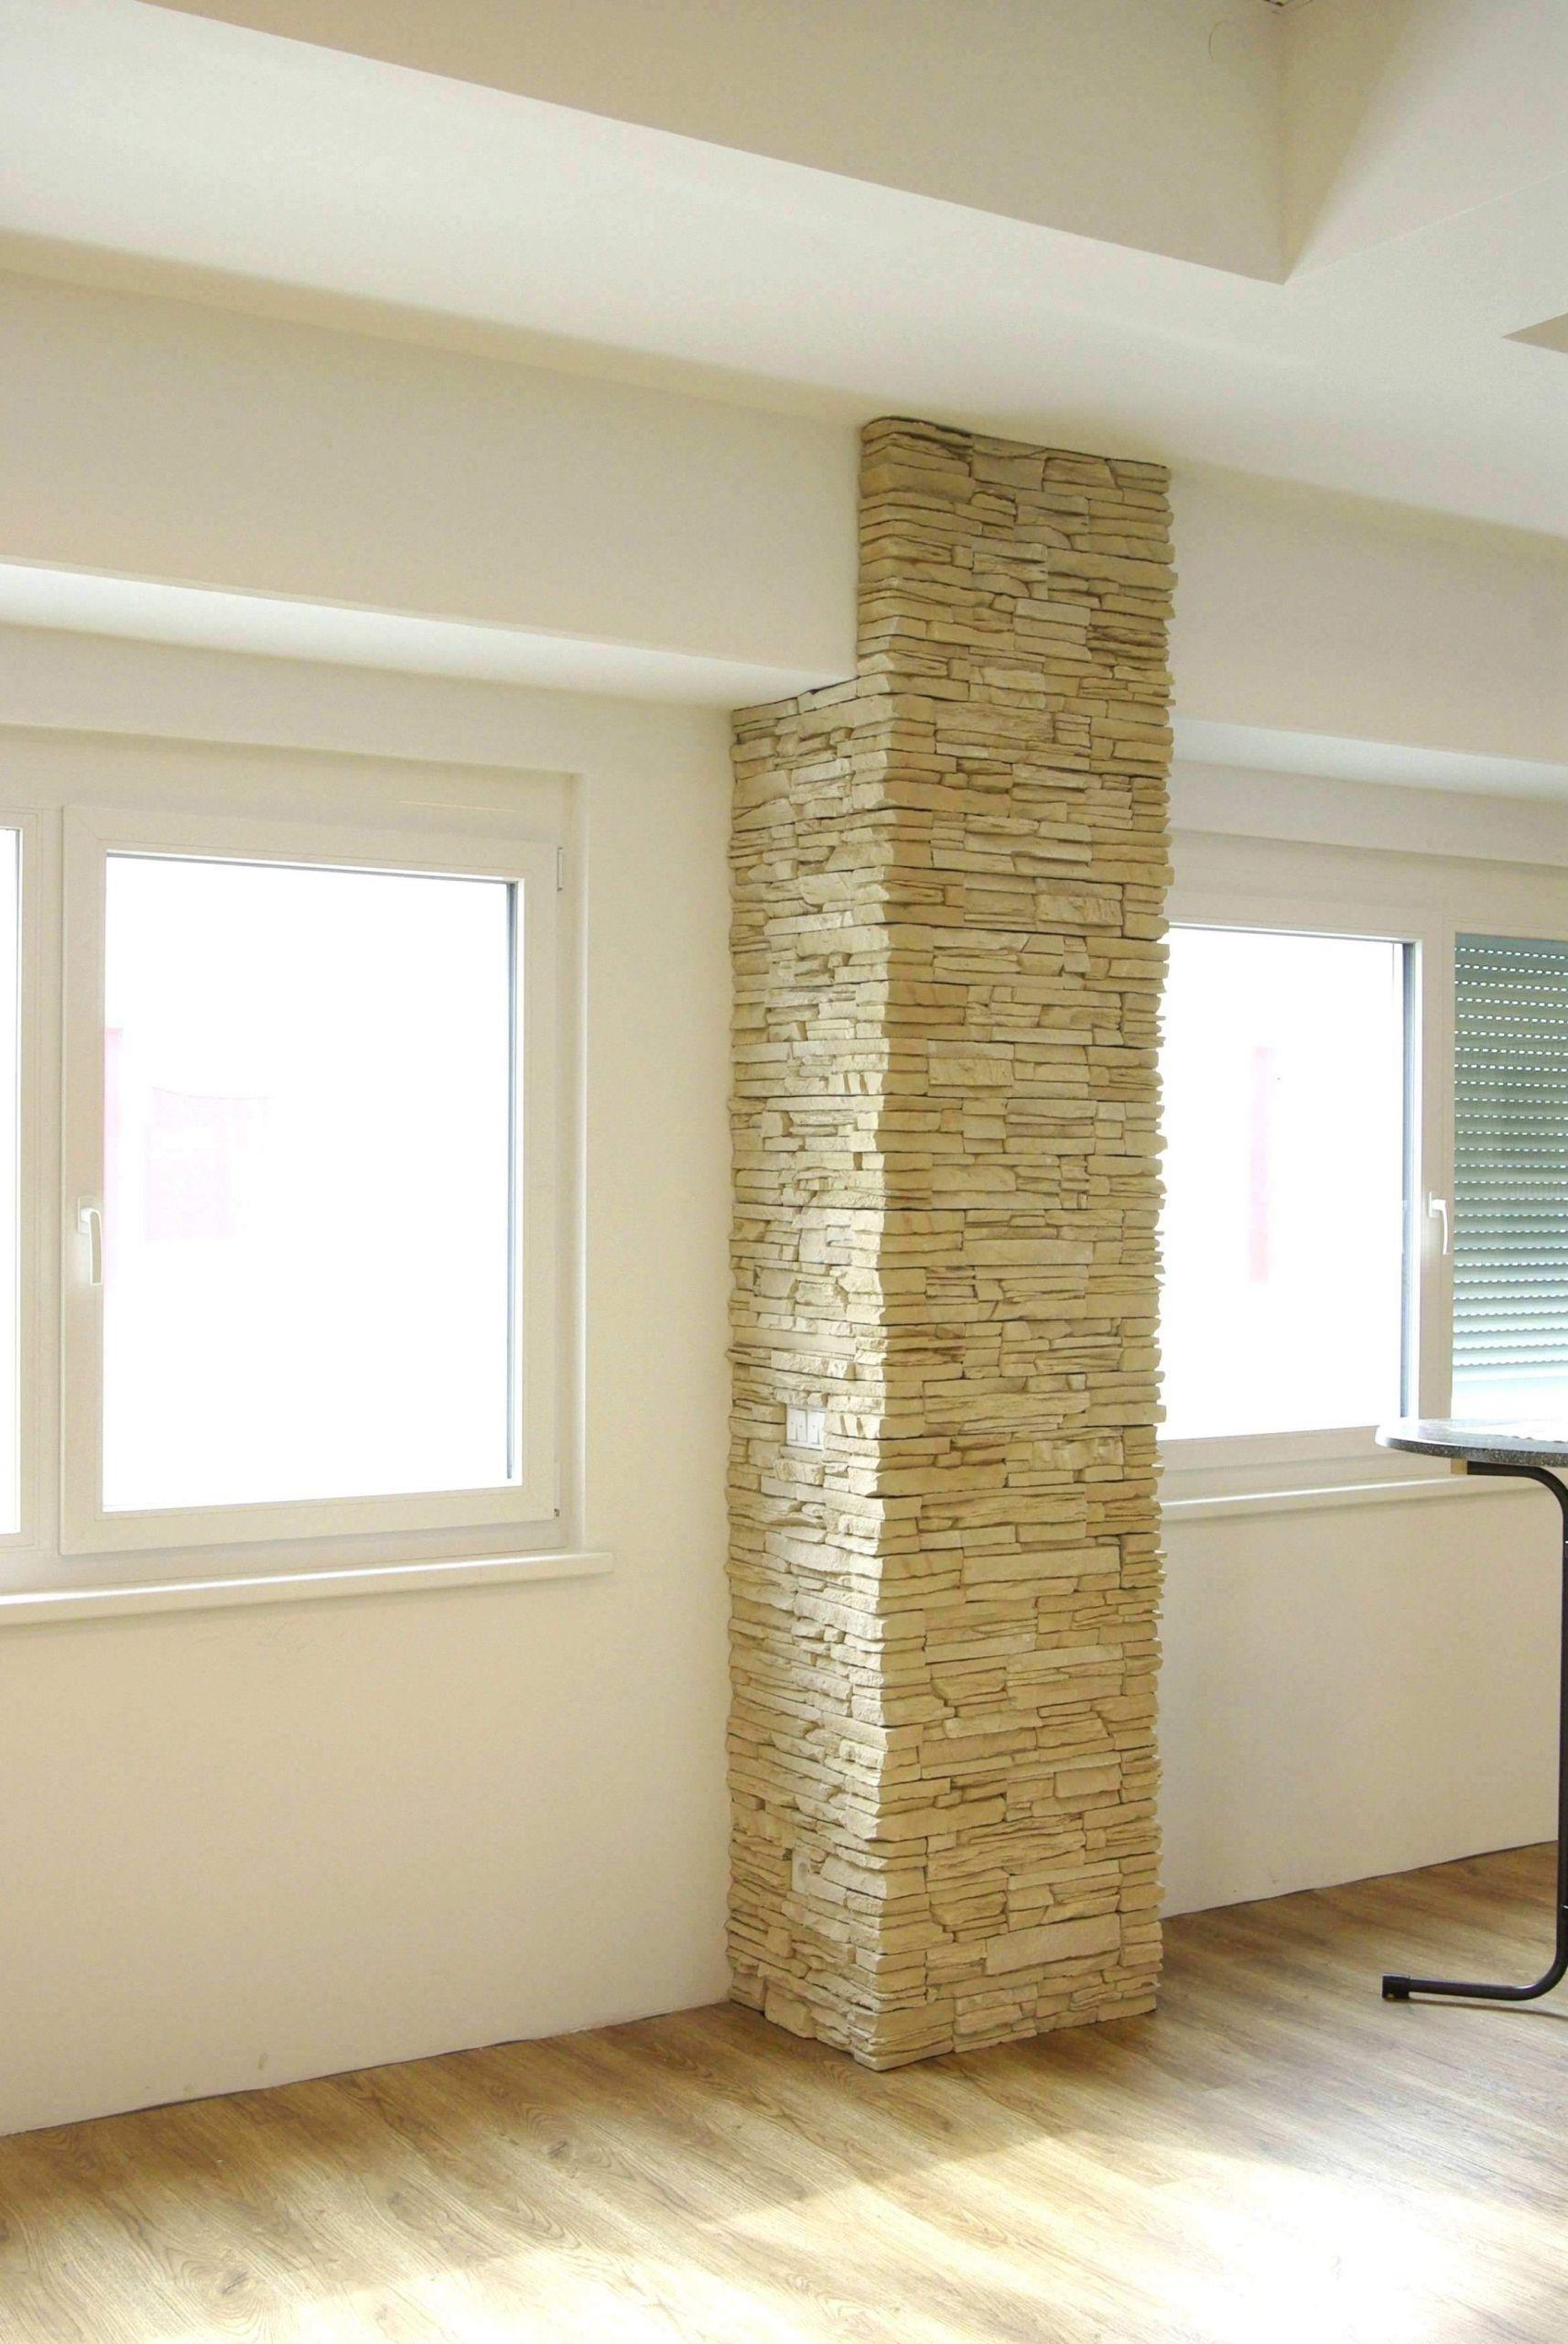 Full Size of Wohnzimmer Stehlampe Indirekte Beleuchtung Lampe Heizkörper Teppiche Deckenleuchte Hängelampe Tischlampe Led Wohnwand Wandbilder Liege Anbauwand Schrank Wohnzimmer Tischlampe Wohnzimmer